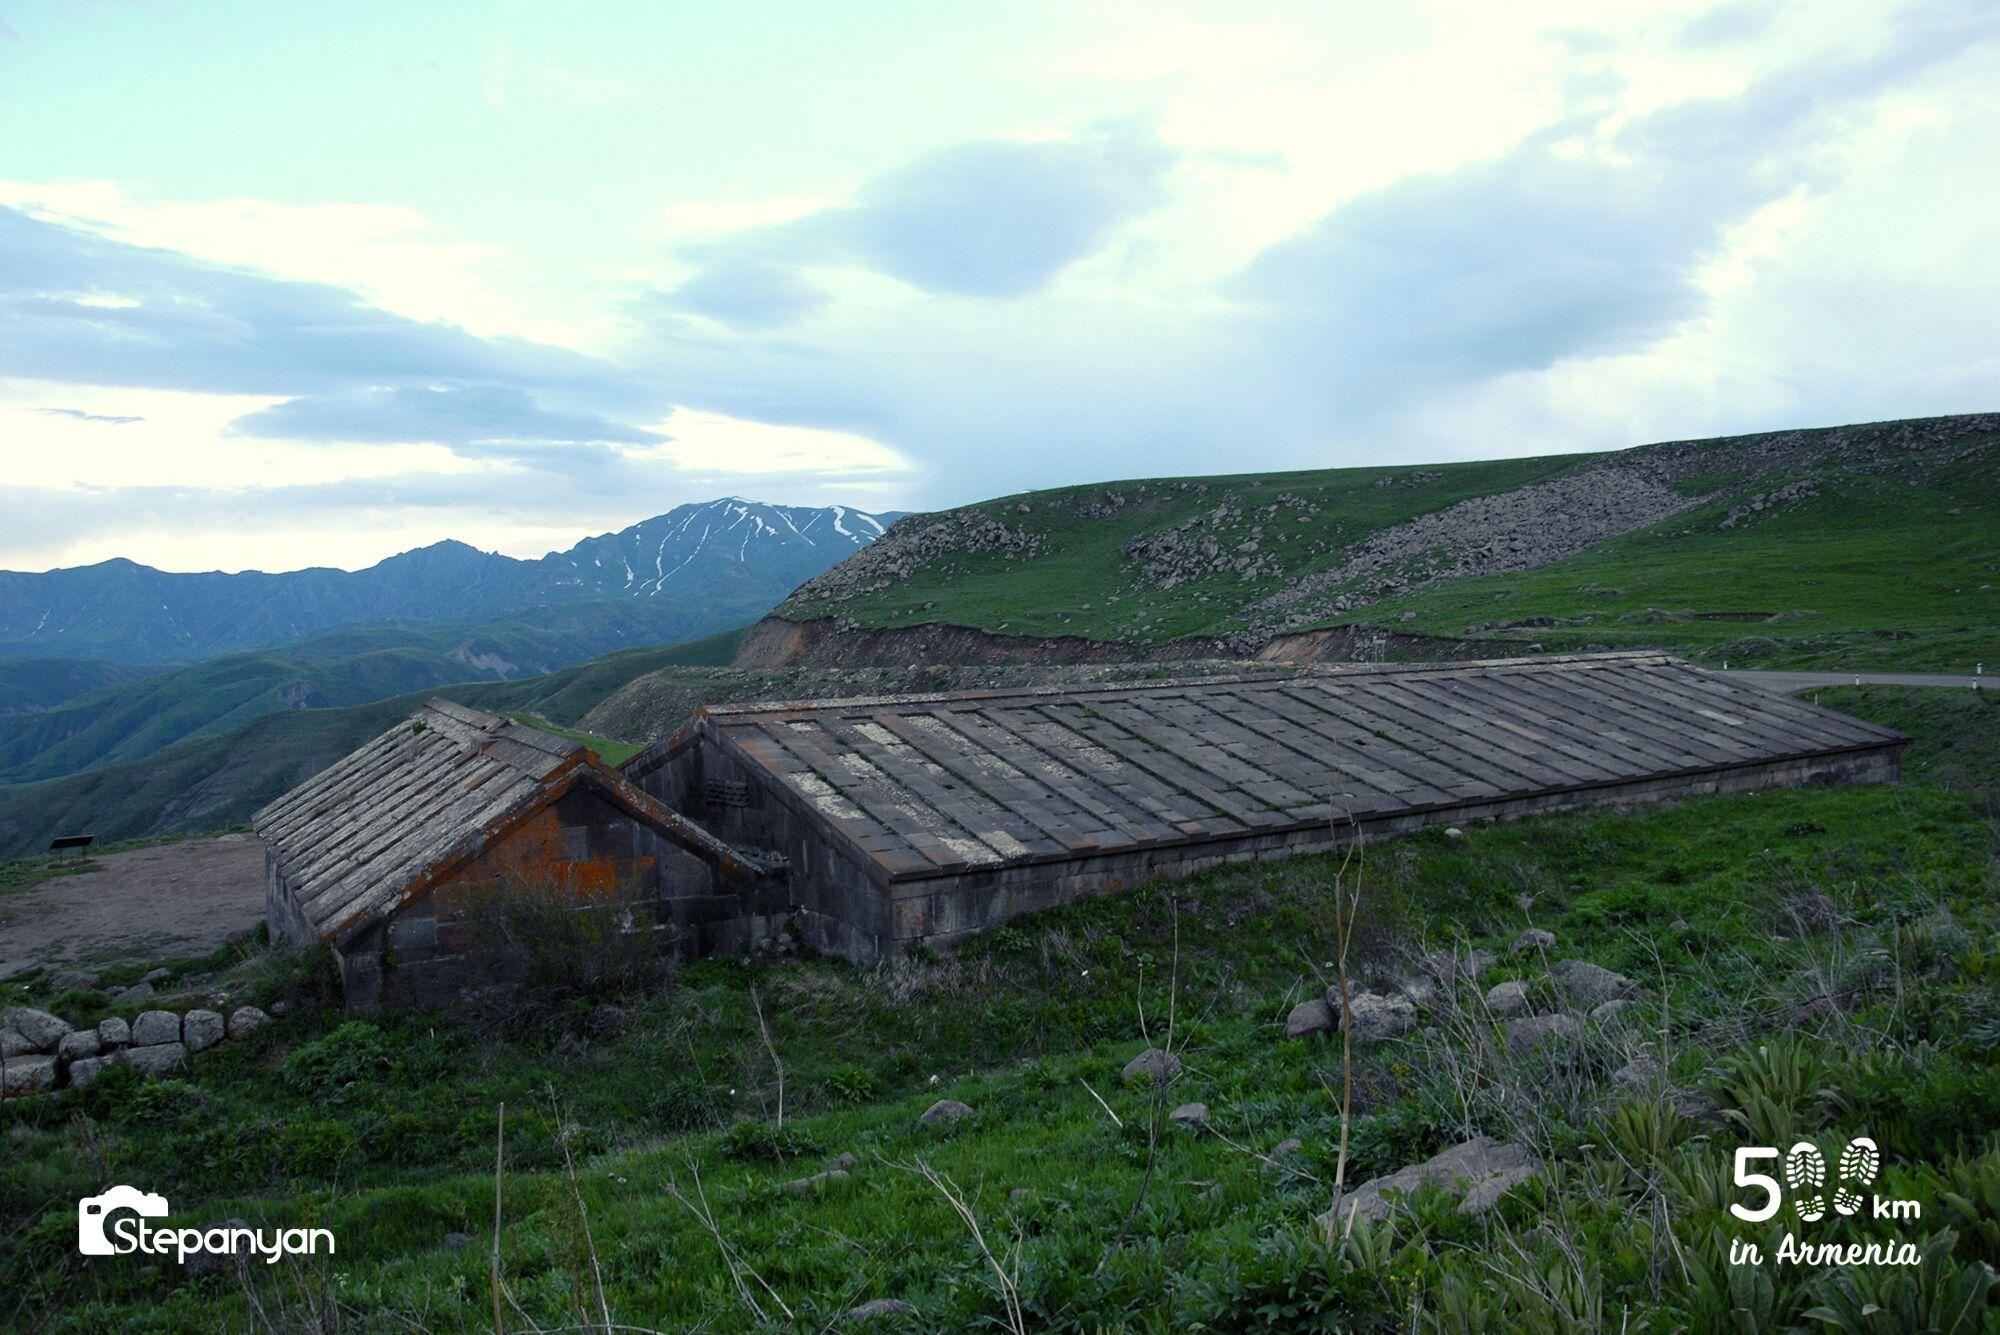 Սելիմ - 500 կմ Հայաստանում